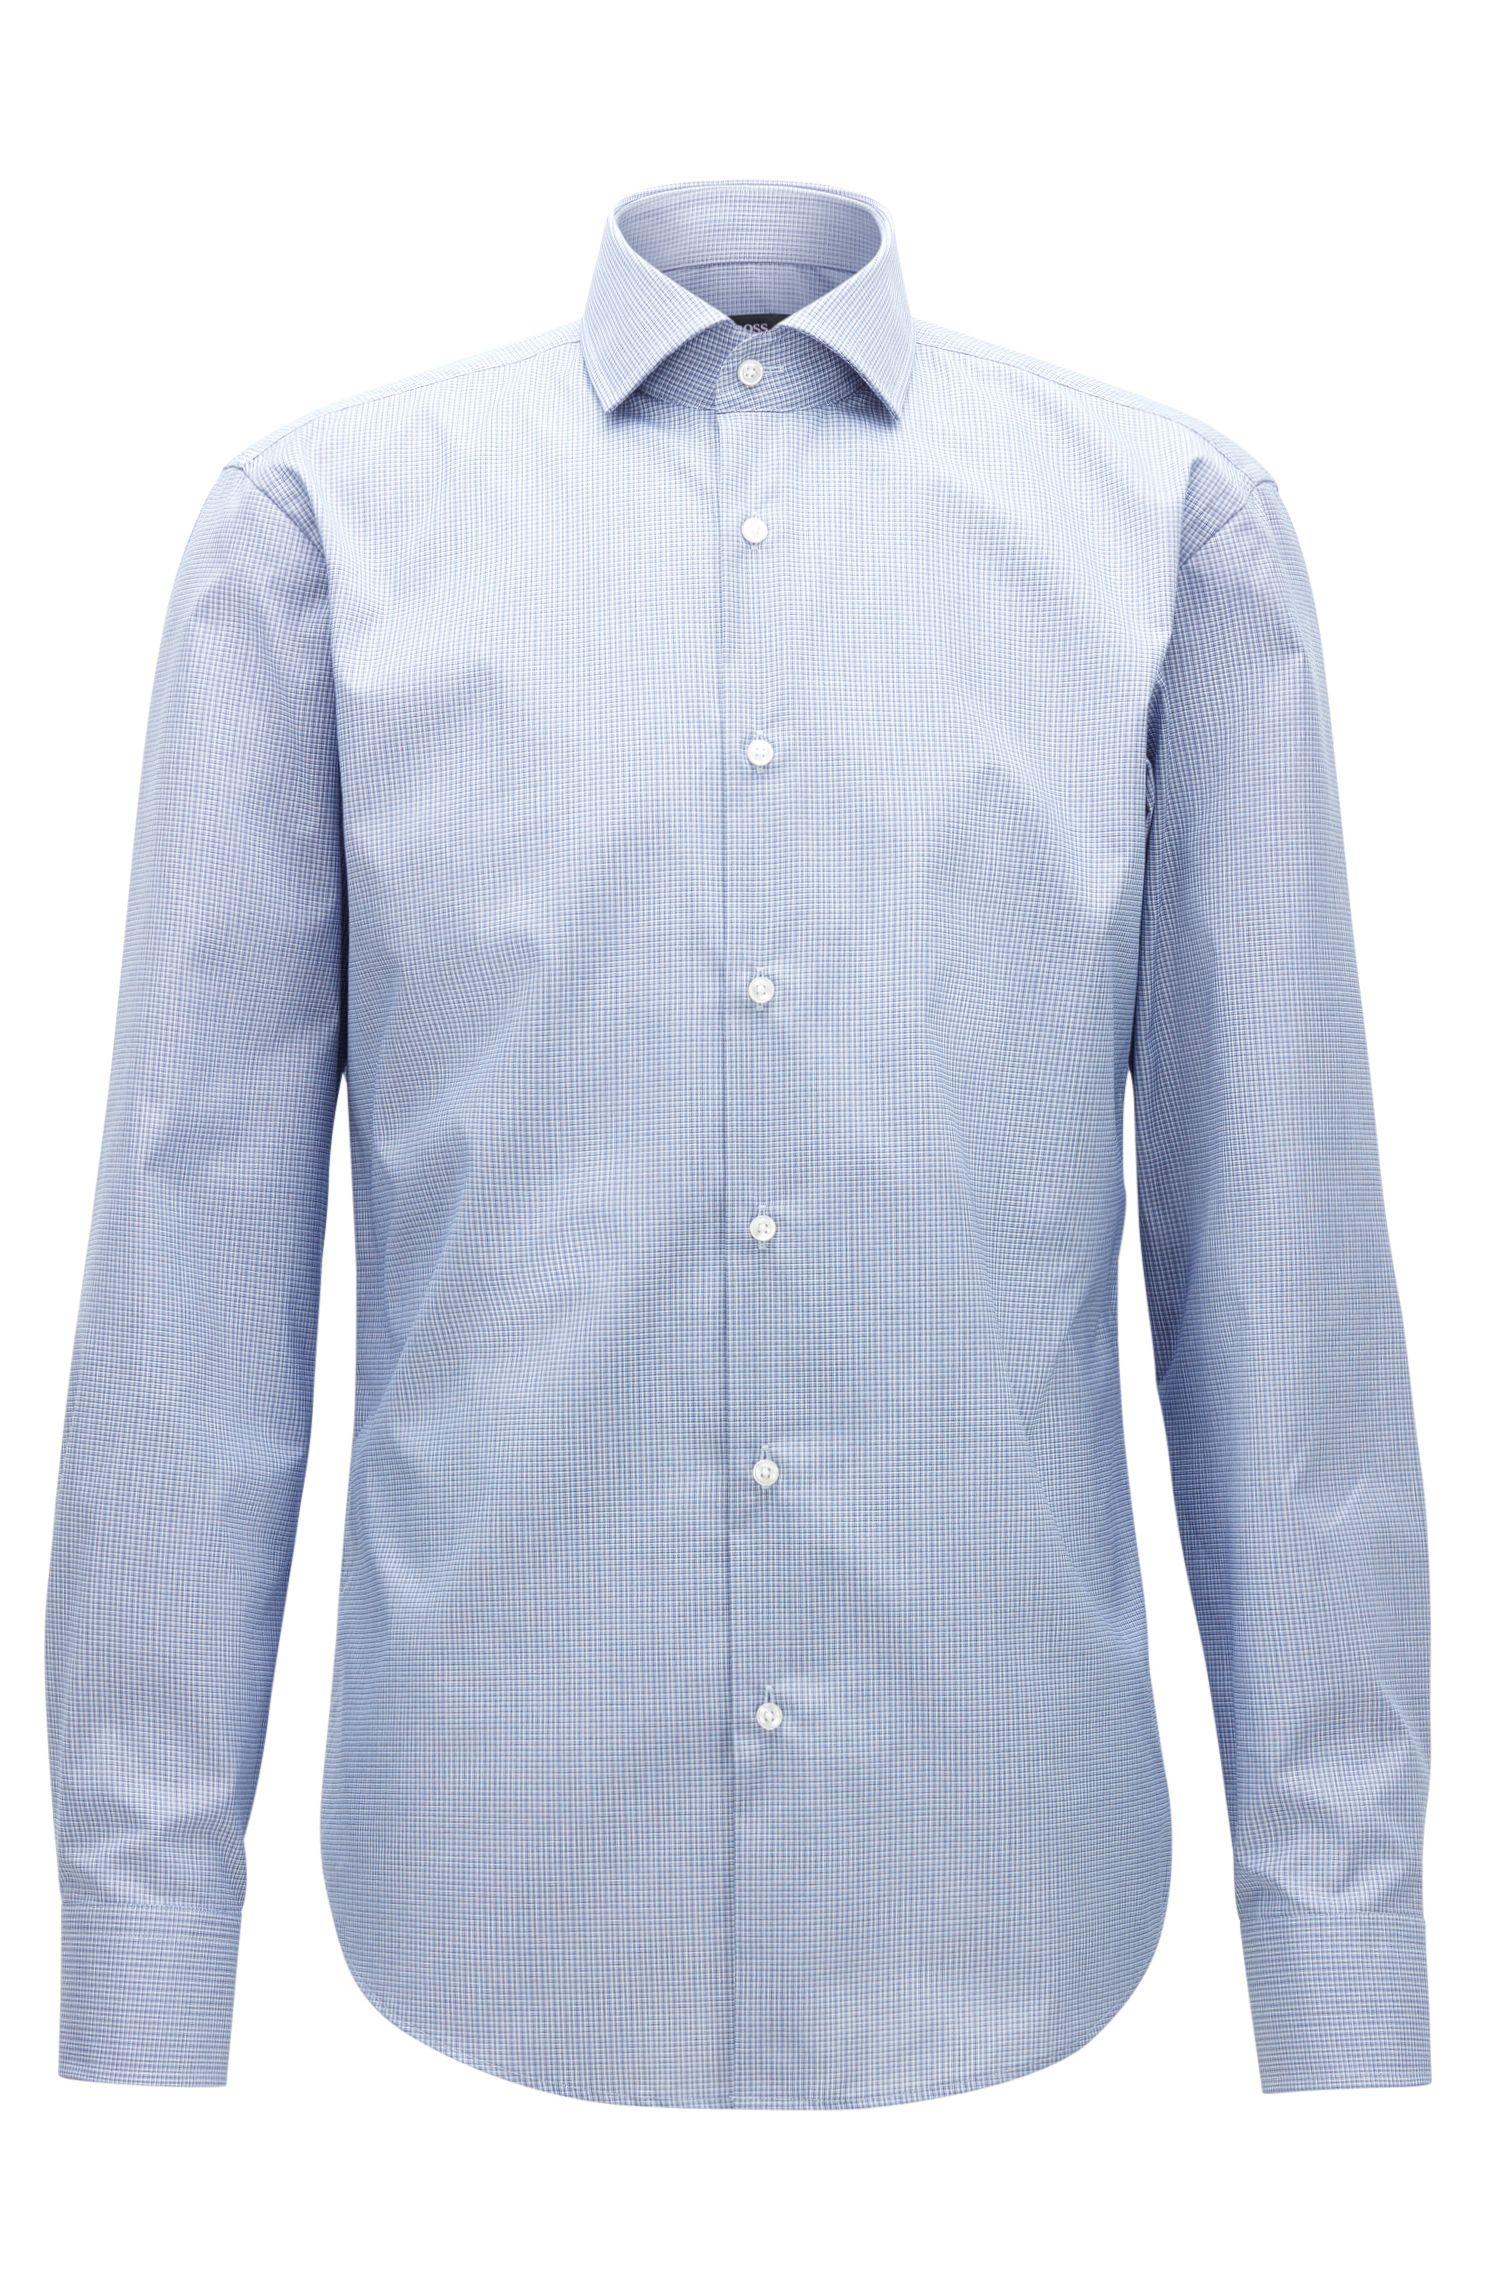 Gemakkelijk te strijken, regular-fit overhemd van katoen met microruitdessin